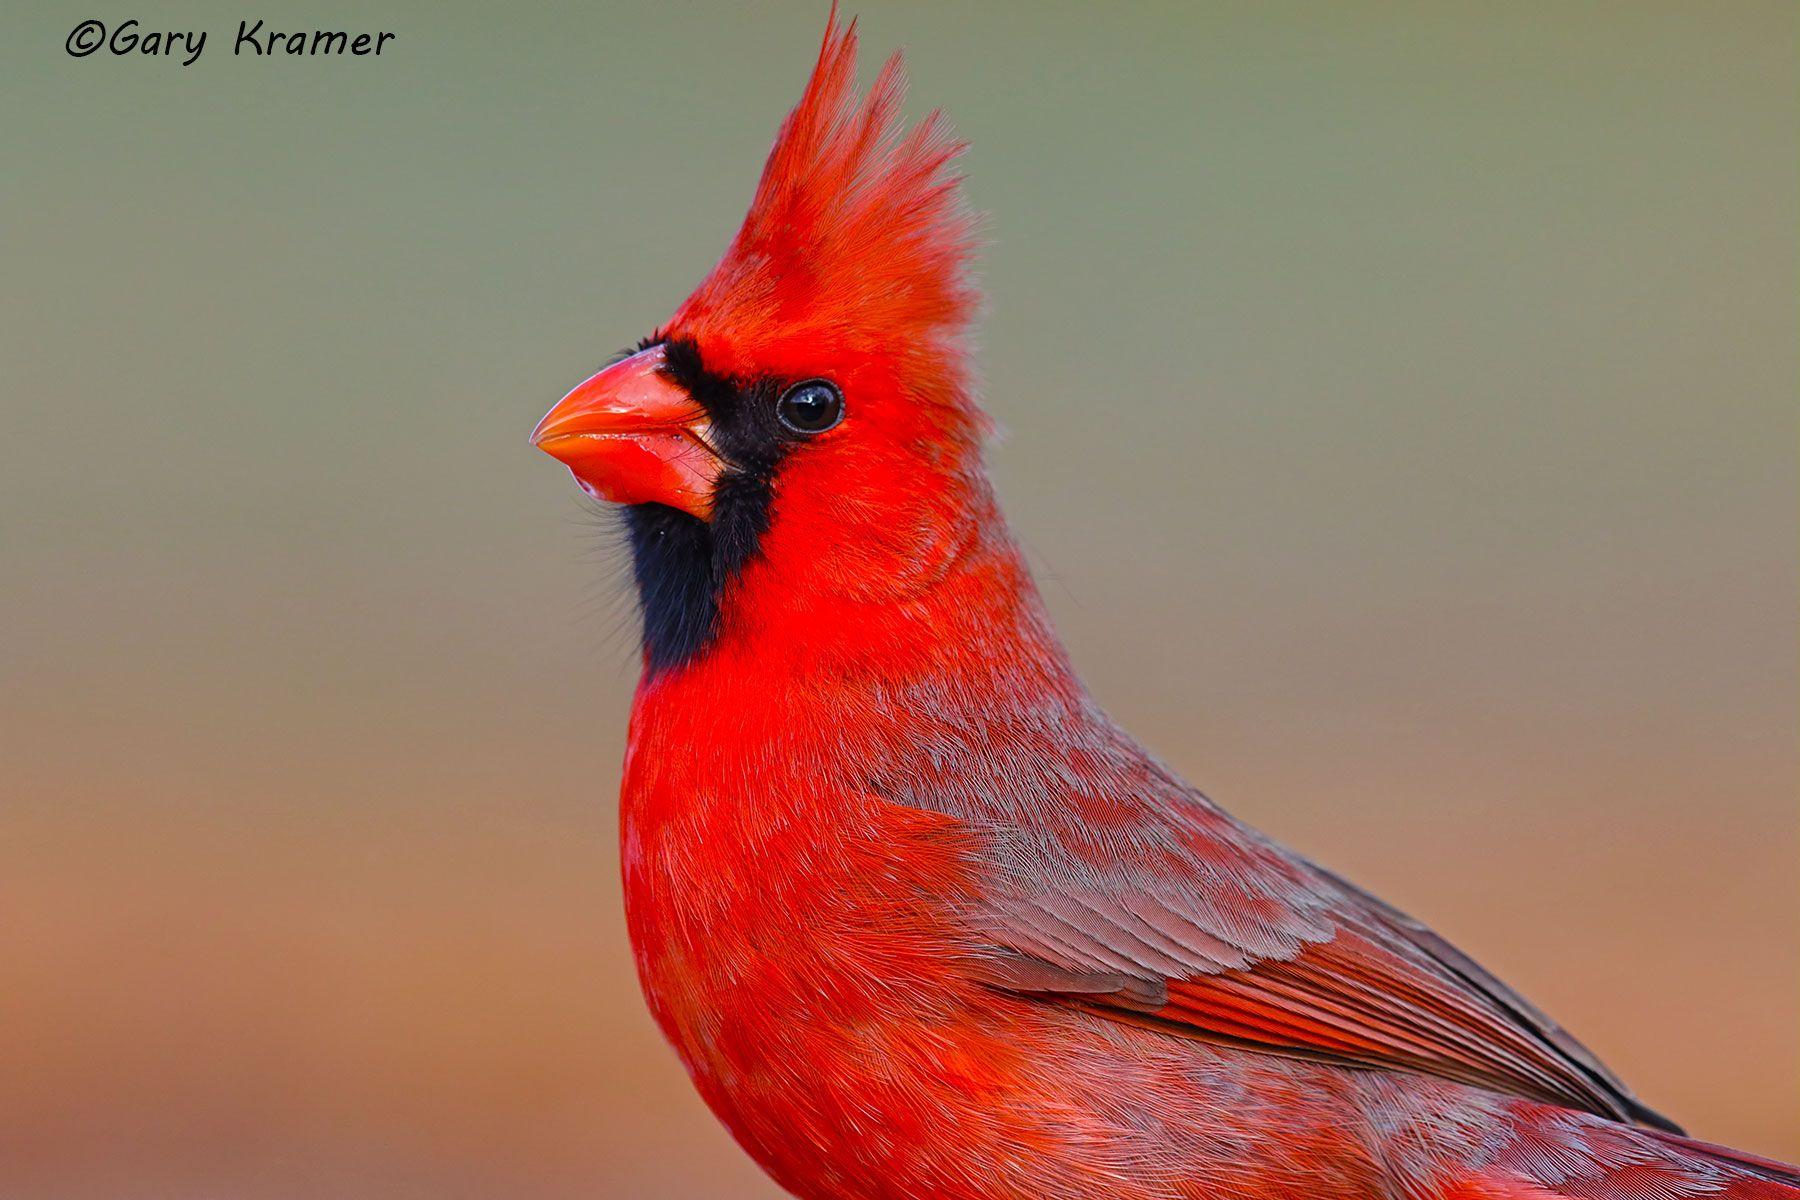 Northern Cardinal (Cardinalis cardinalis) - NBTC#217d